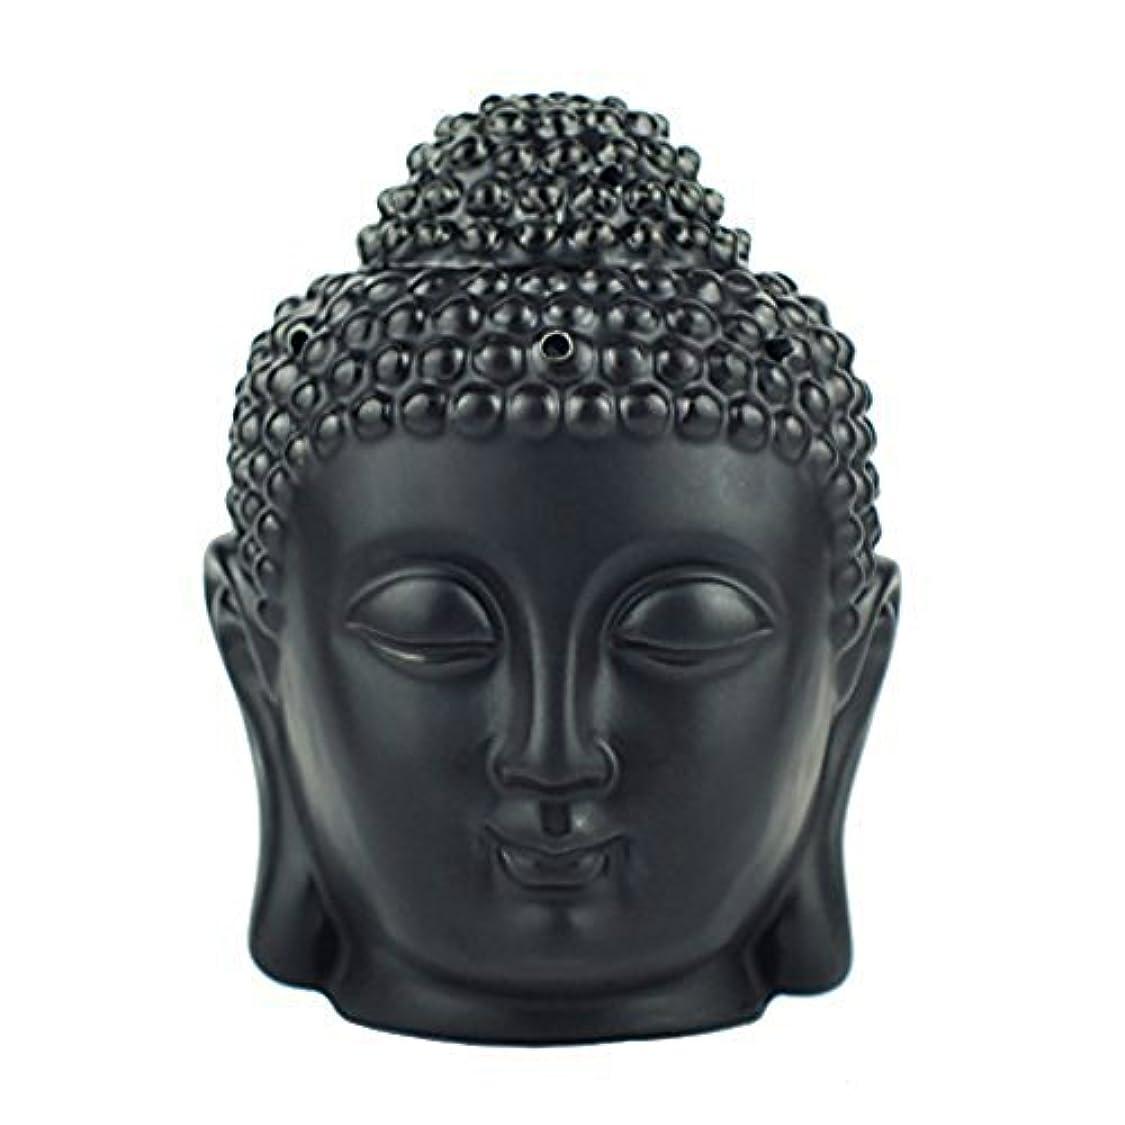 制裁キャンプ削除するmoylor Buddha Head Statueオイルバーナー半透明セラミックアロマセラピーDiffusers父の日のギフトとホームデコレーション(ホワイト&ブラック)